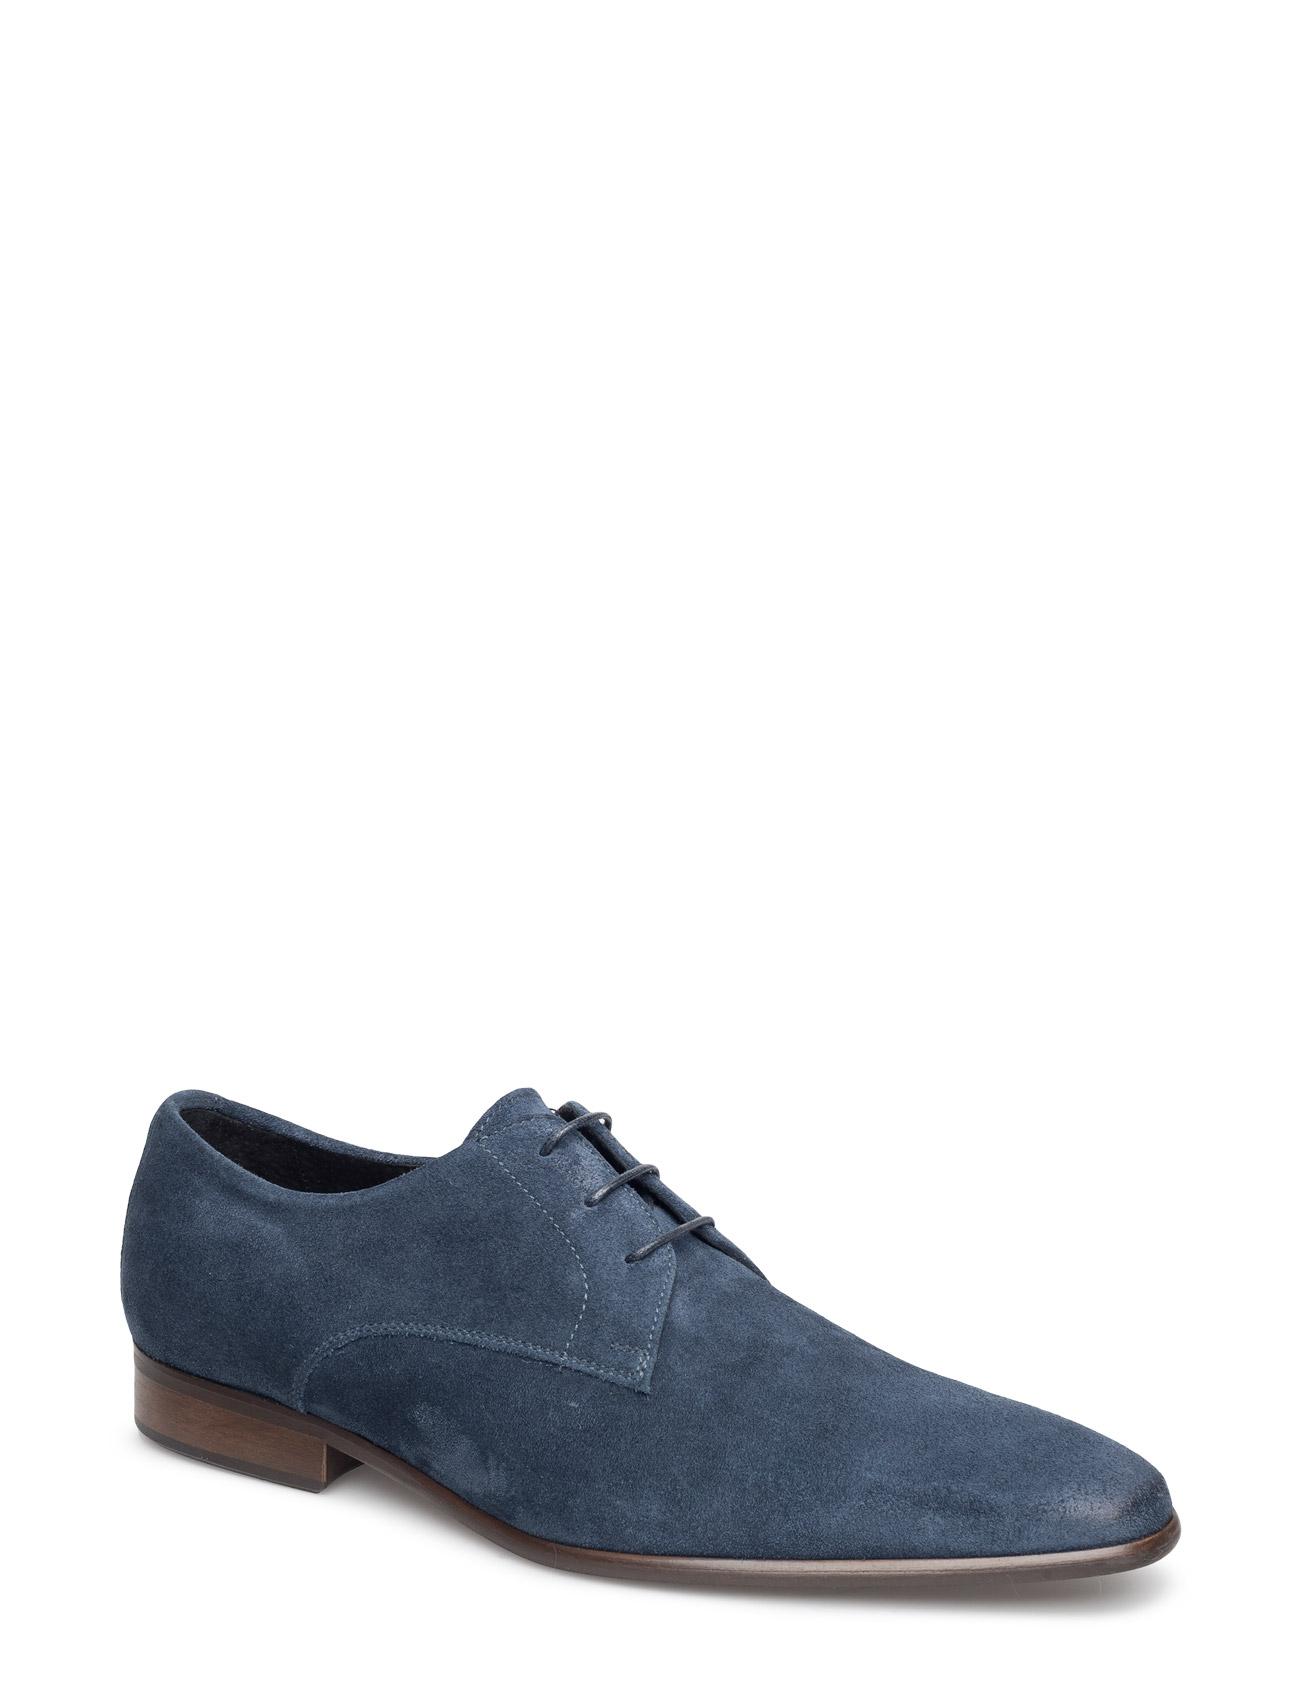 Jenkins KG by Kurt Geiger Casual sko til Herrer i Navy blå